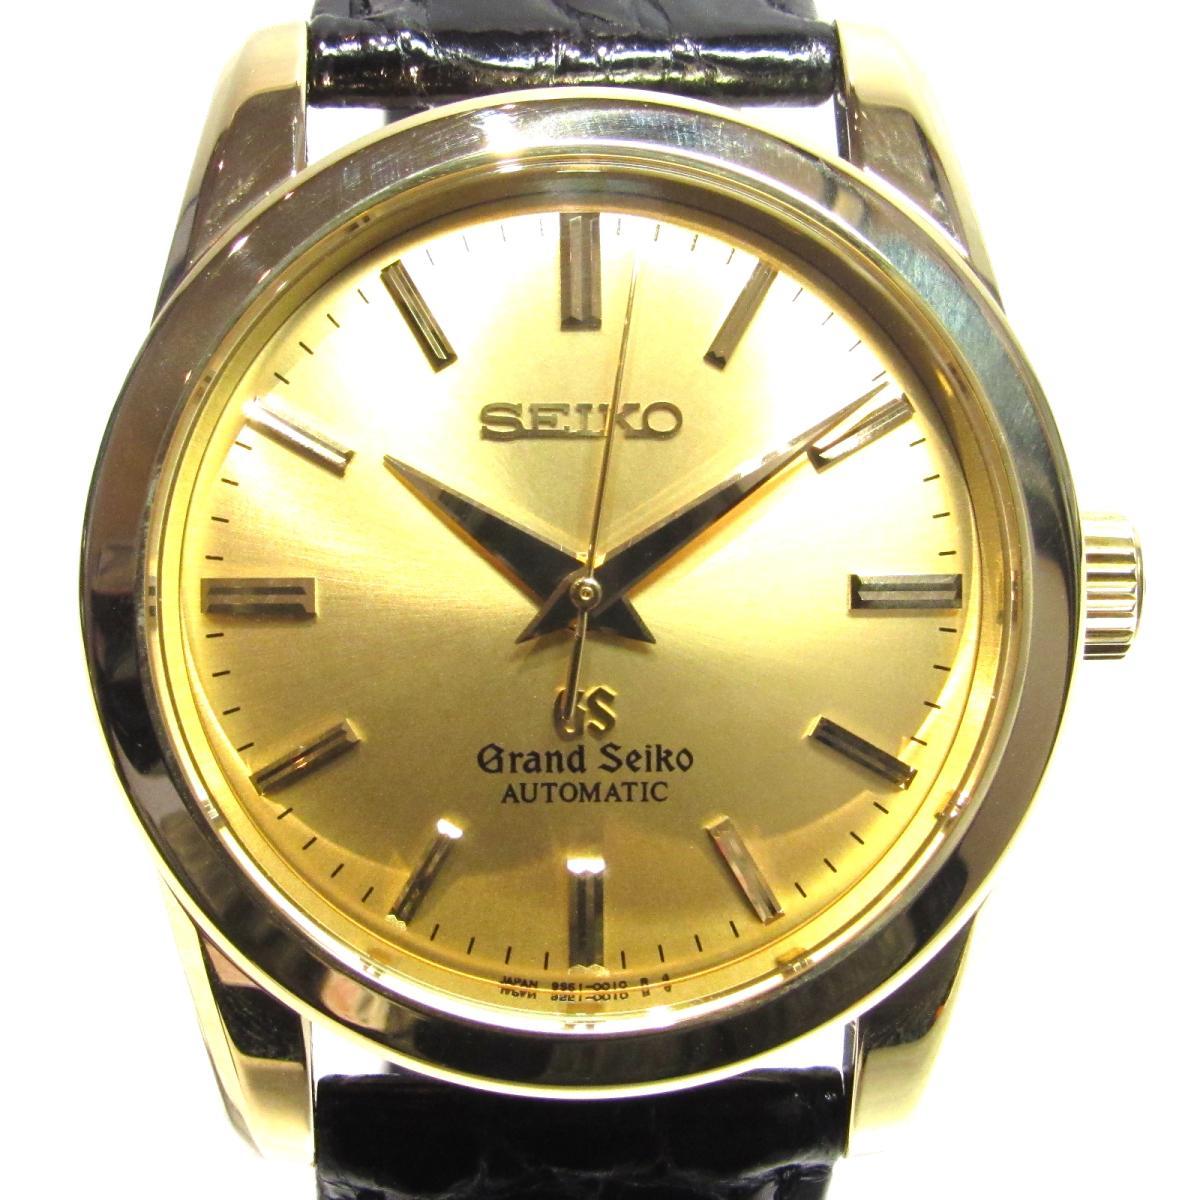 【中古】 セイコー グランドセイコーメカニカル 腕時計 ウォッチ K18YG (750)イエローゴールド × レザー ゴールド ブラック (SBGR002 (QS51-0010))   SEIKO オートマチック 自動巻き 時計 K18 18金 美品 ブランドオフ BRANDOFF